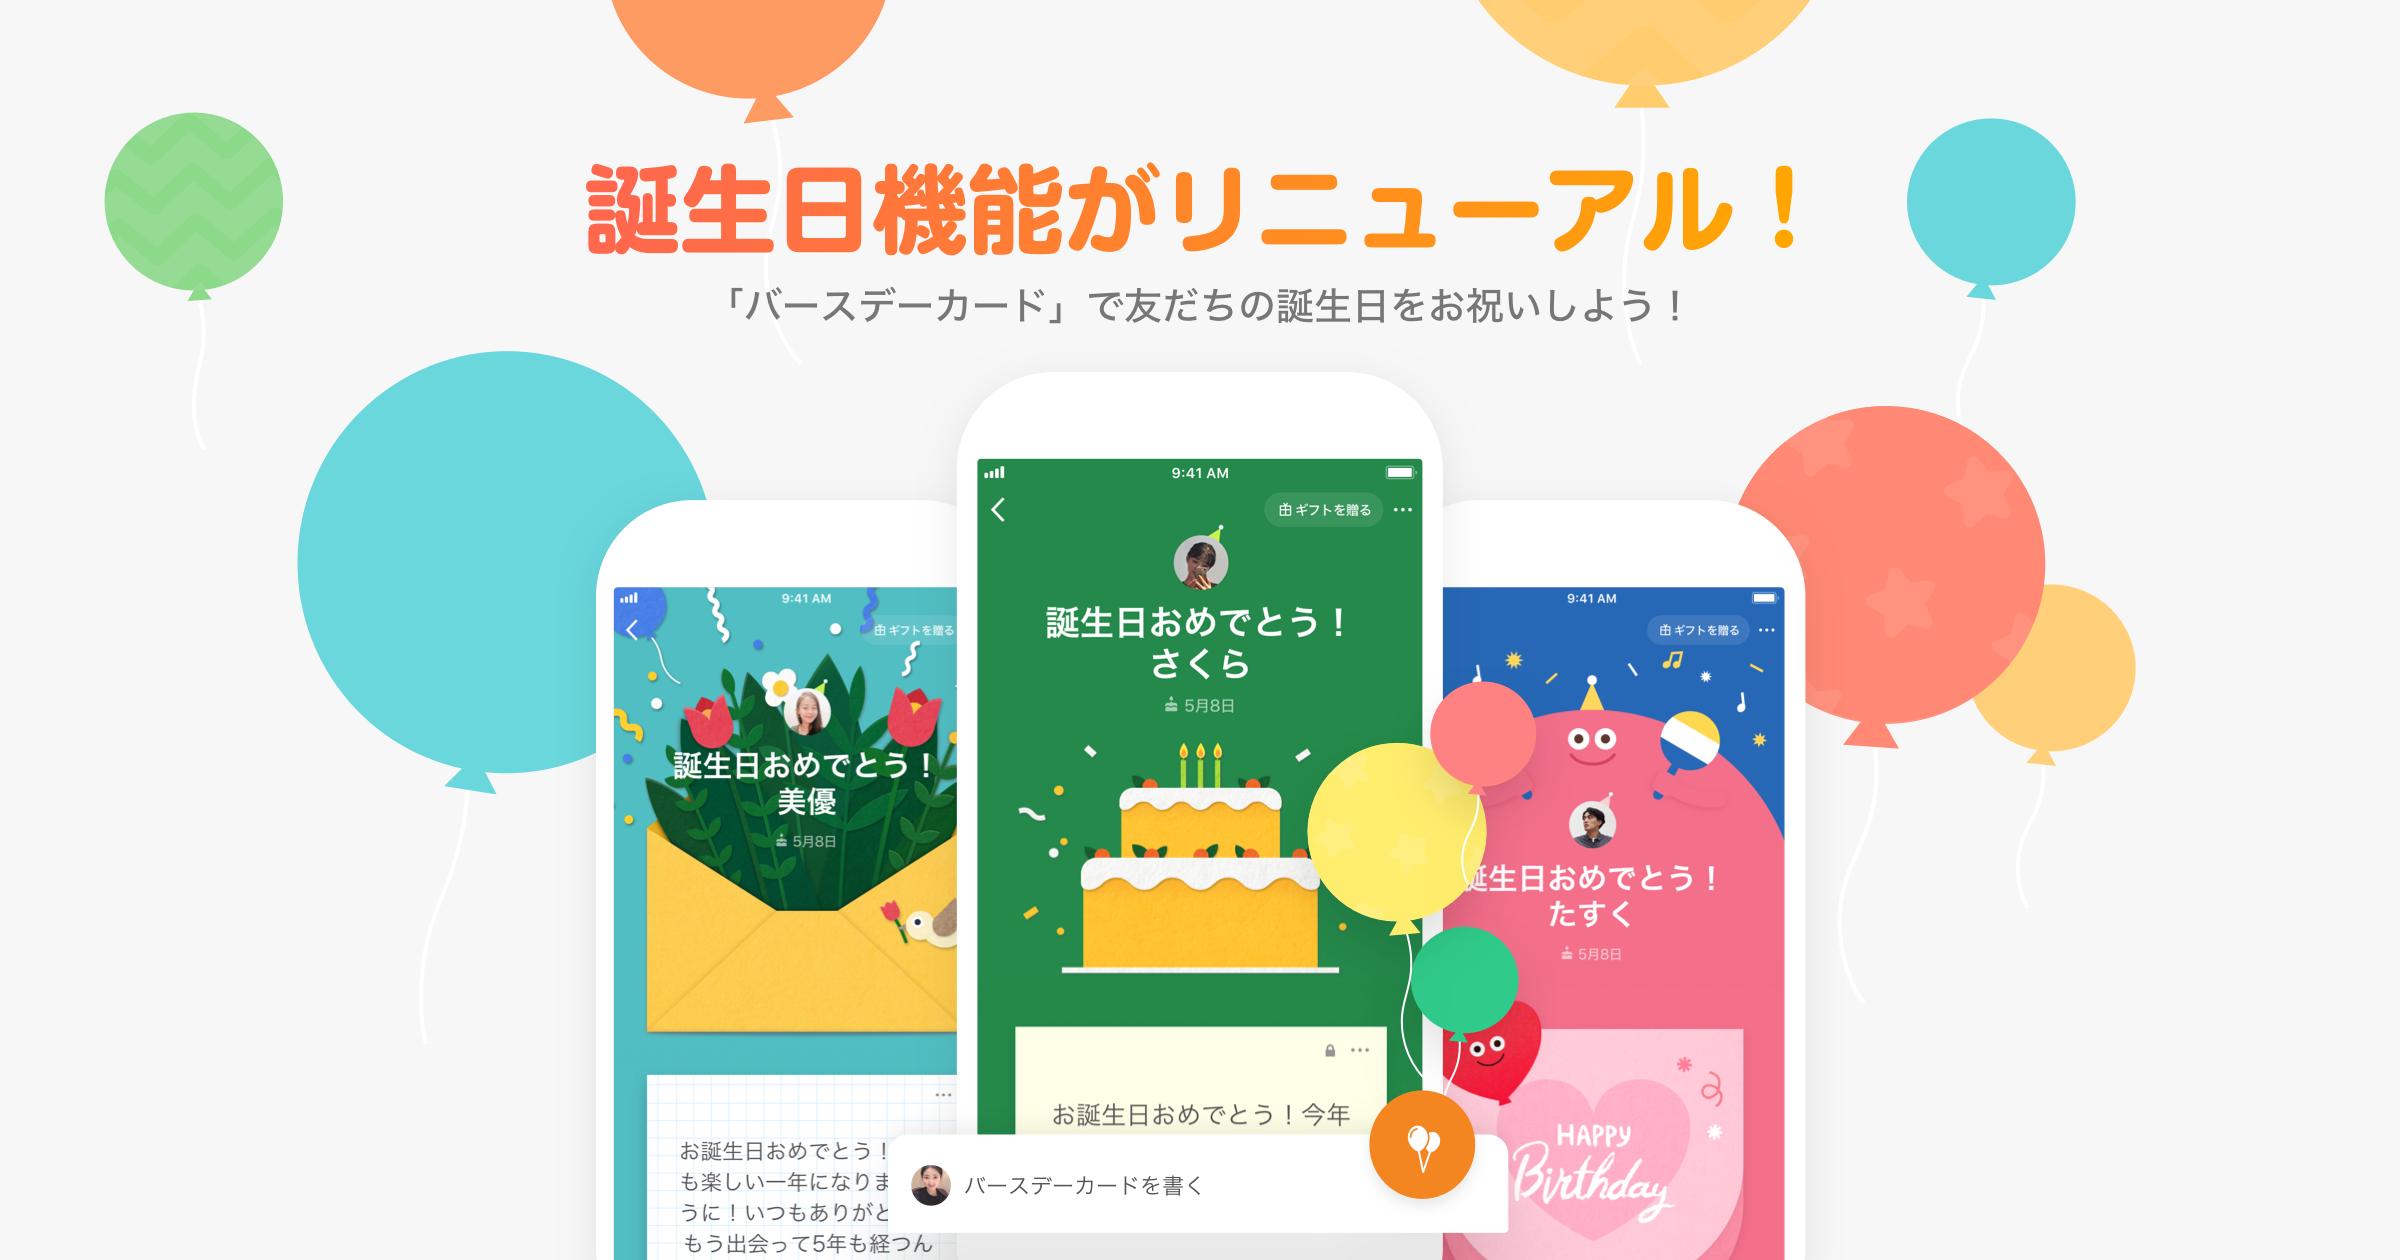 カード ライン 返信 バースデー 【LINE】誕生日設定をしてみよう!お祝い機能やメッセージのポイントなどを紹介!